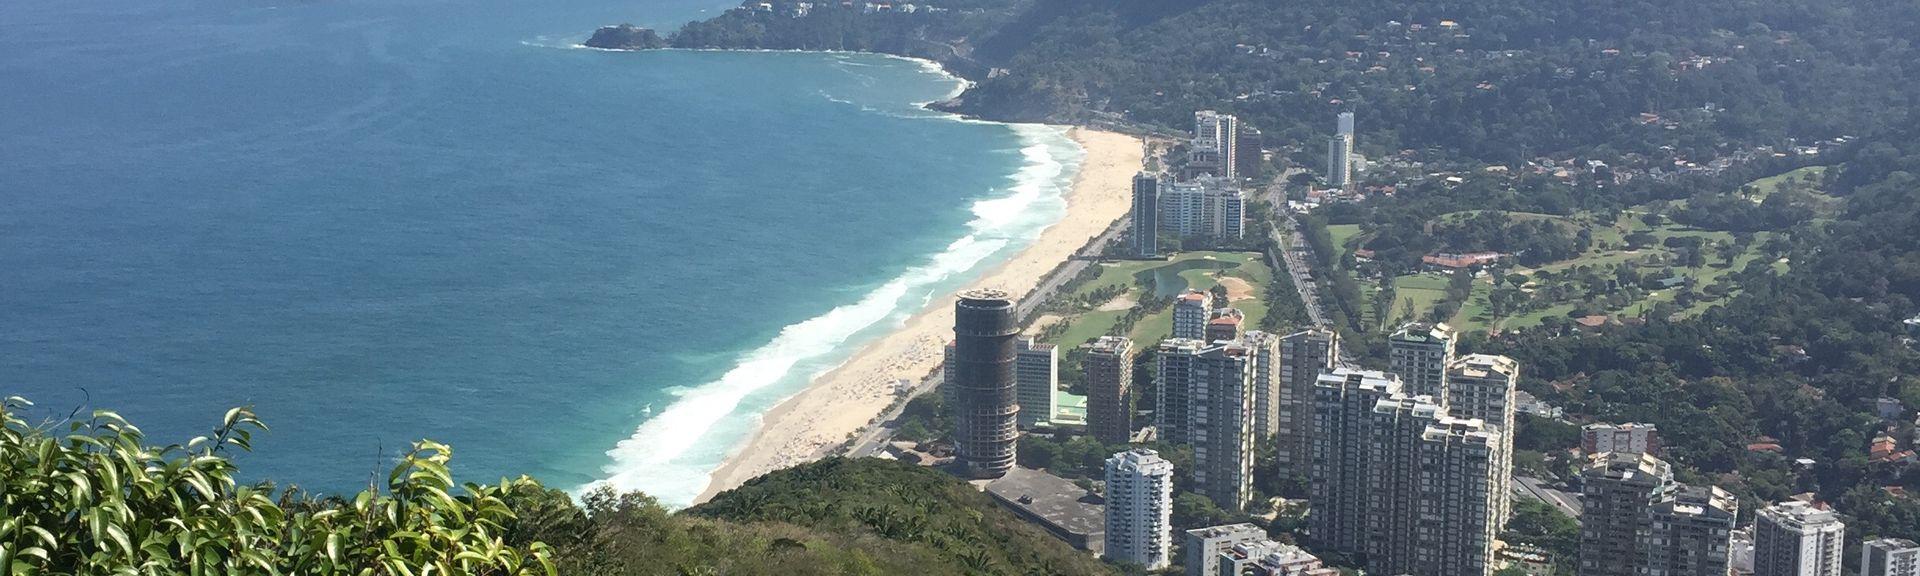 Lapa, Rio de Janeiro, State of Rio de Janeiro, Brazil